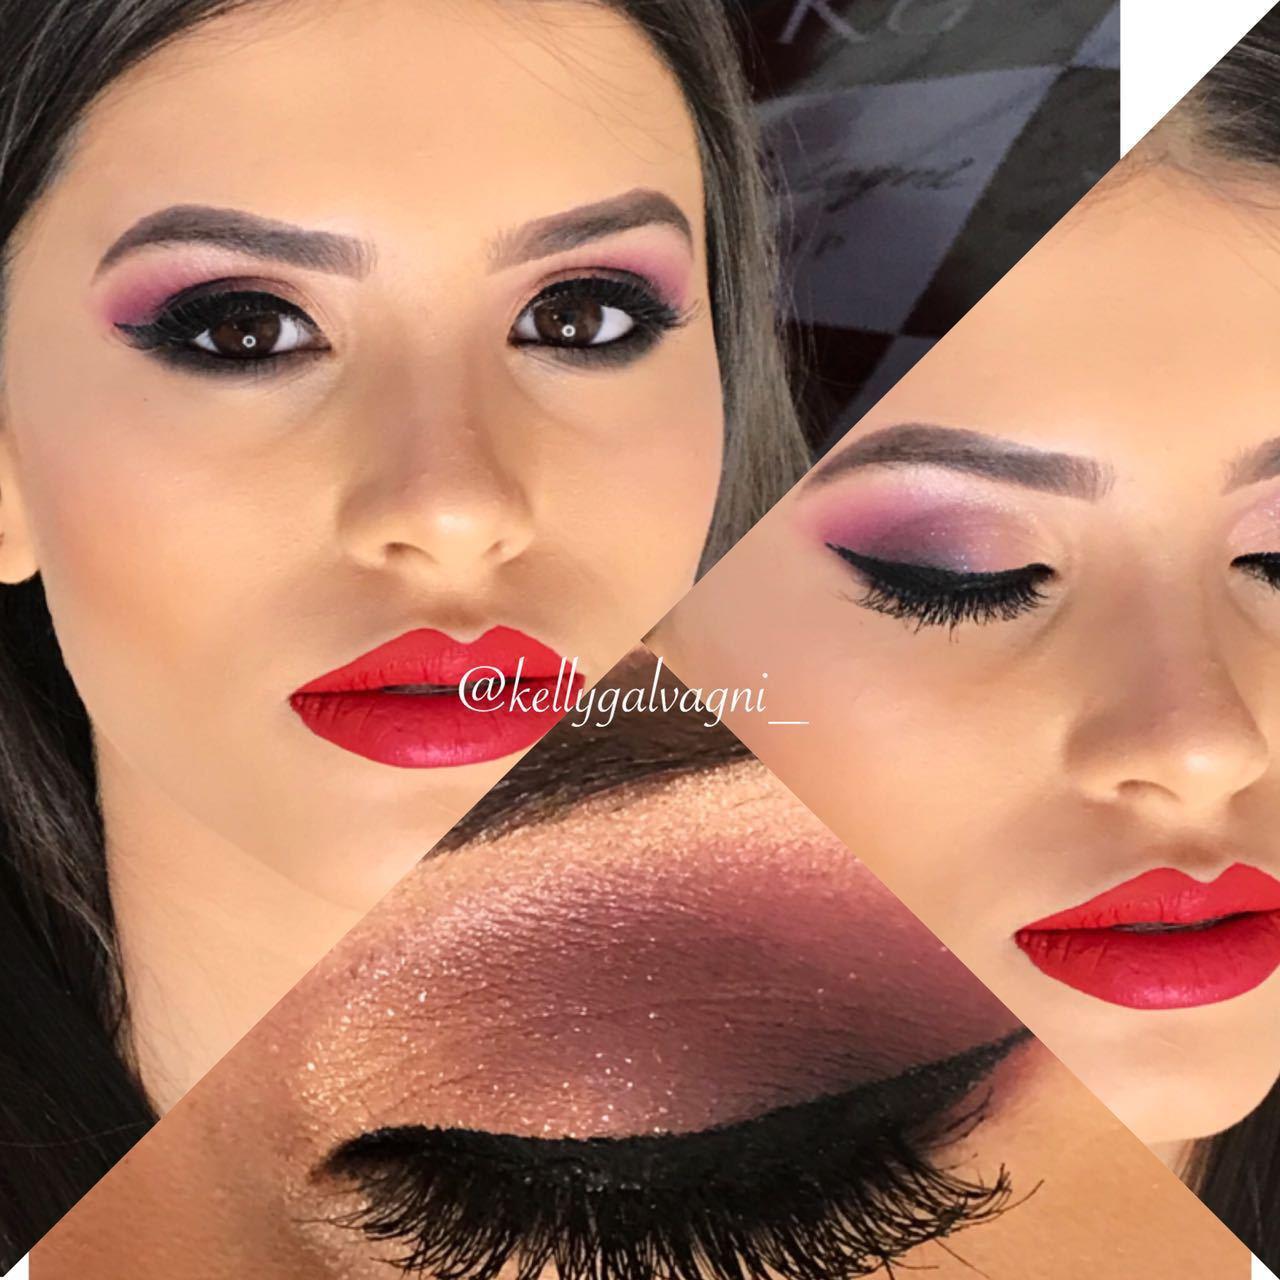 Agende já seu horário minha linda!!   wpp: (38) 99817-4855  instagran: @kellygalvagni_  #makeup #maquiagemluxo_oficial #maquillage #tatibuenomakeup maquiagem maquiador(a) designer de sobrancelhas